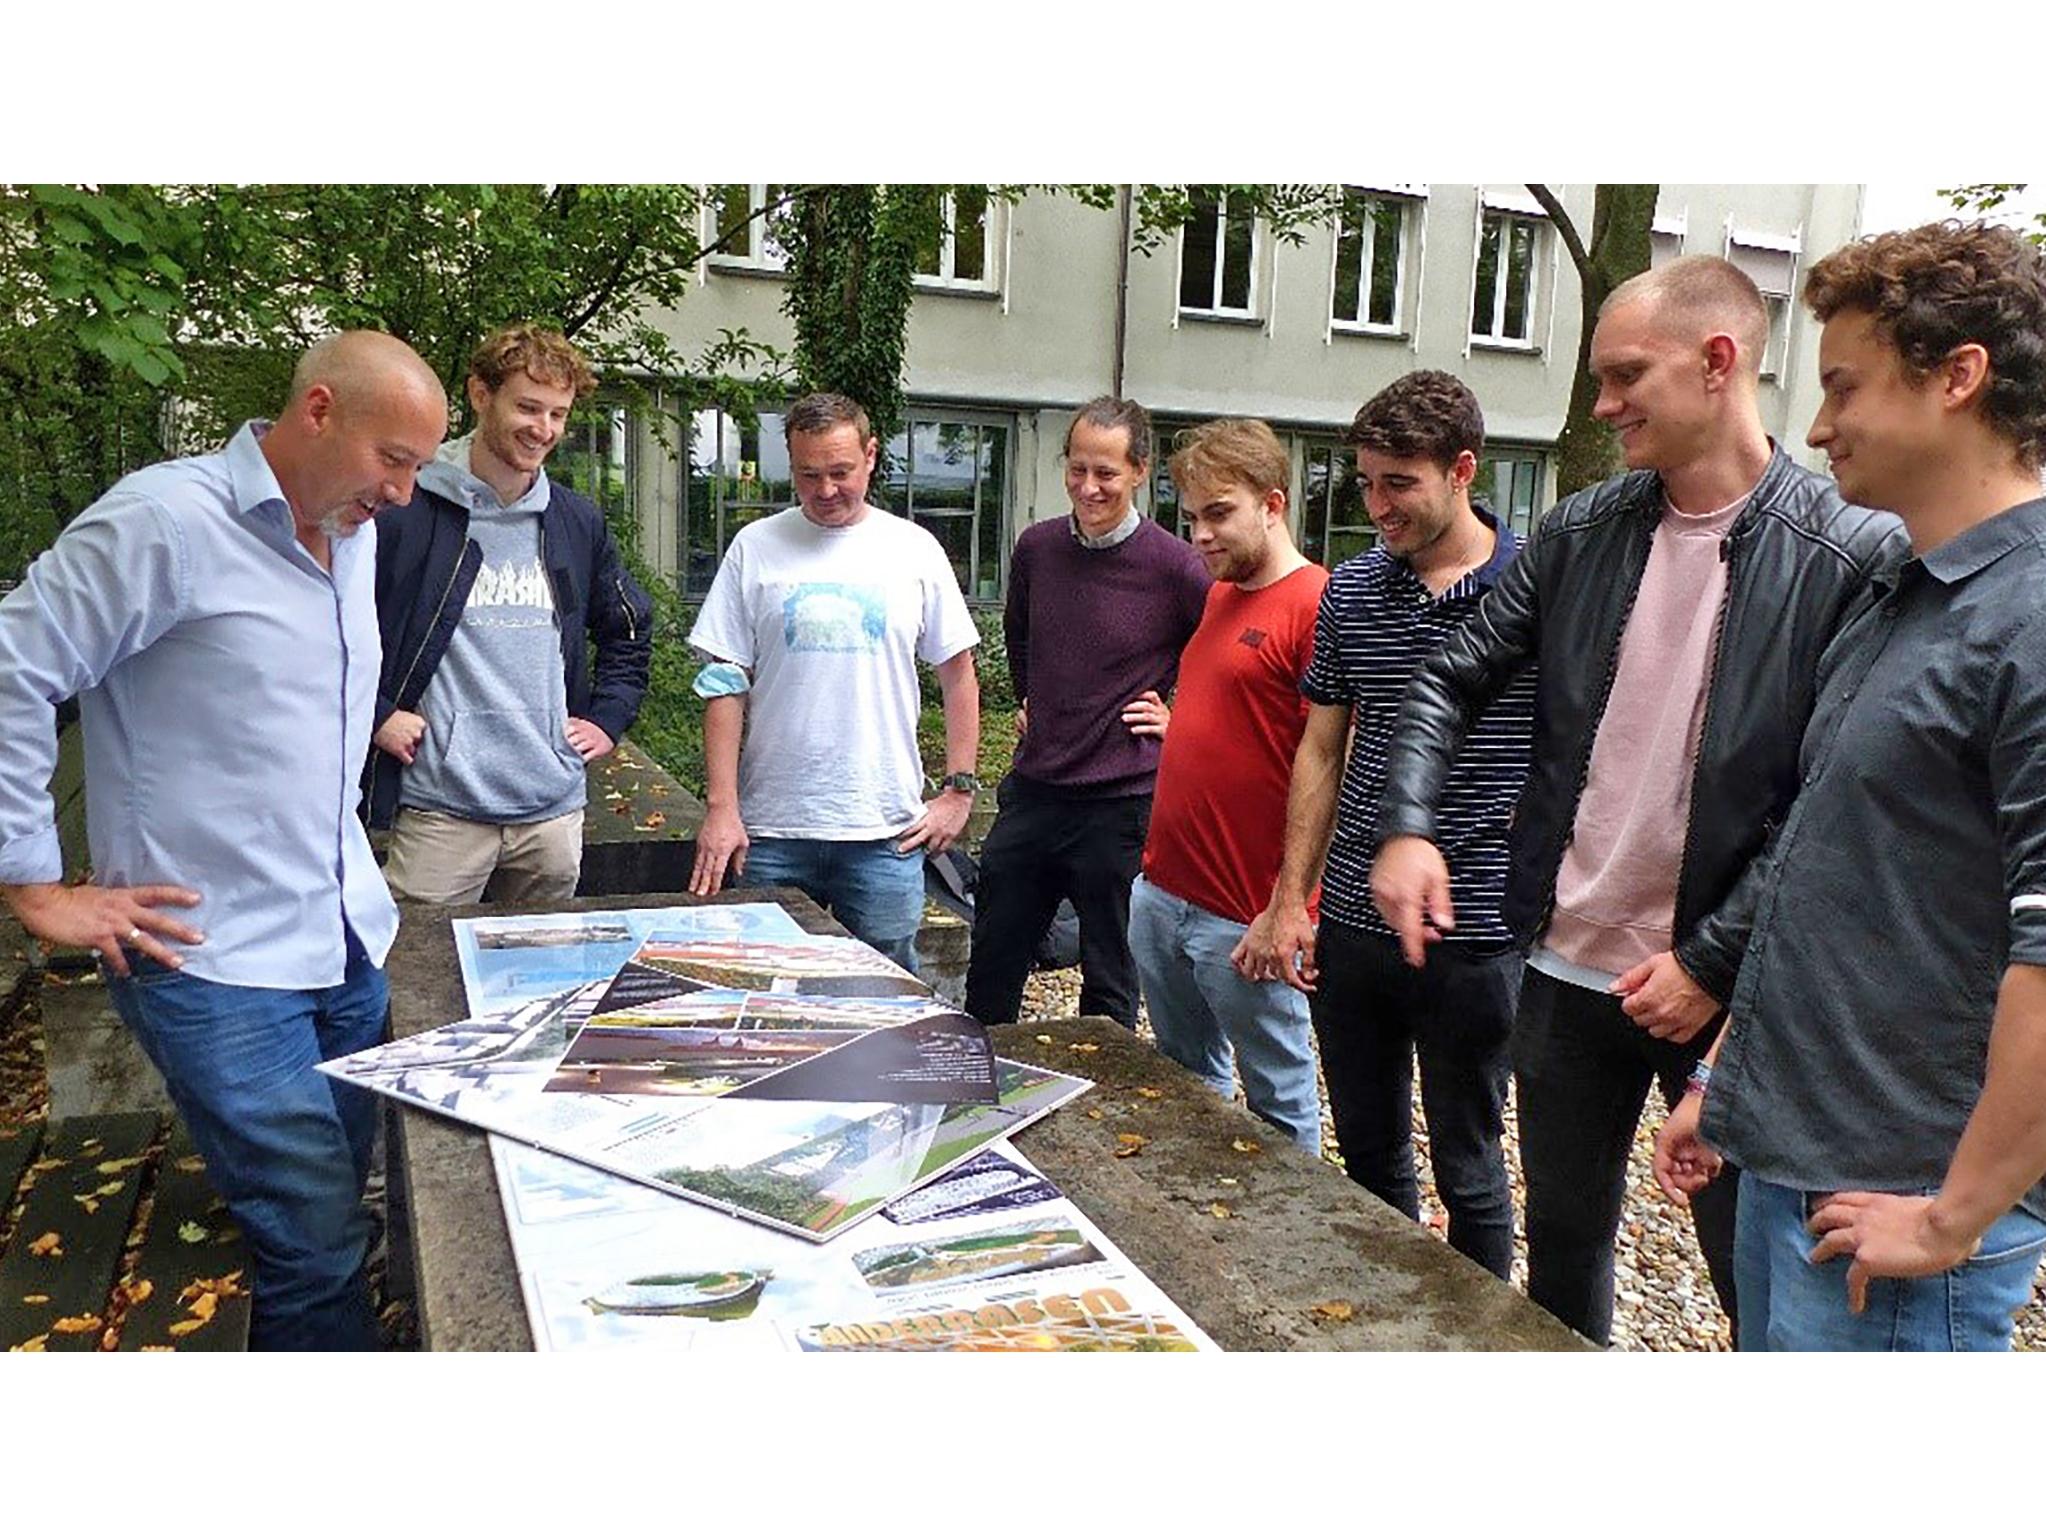 Dozent Stefan Sauer (1.v.l.) hat mit Studierenden der Geovisualisierung Ideen für ein Würzburg der Zukunft entwickelt. Foto: Anja Legge